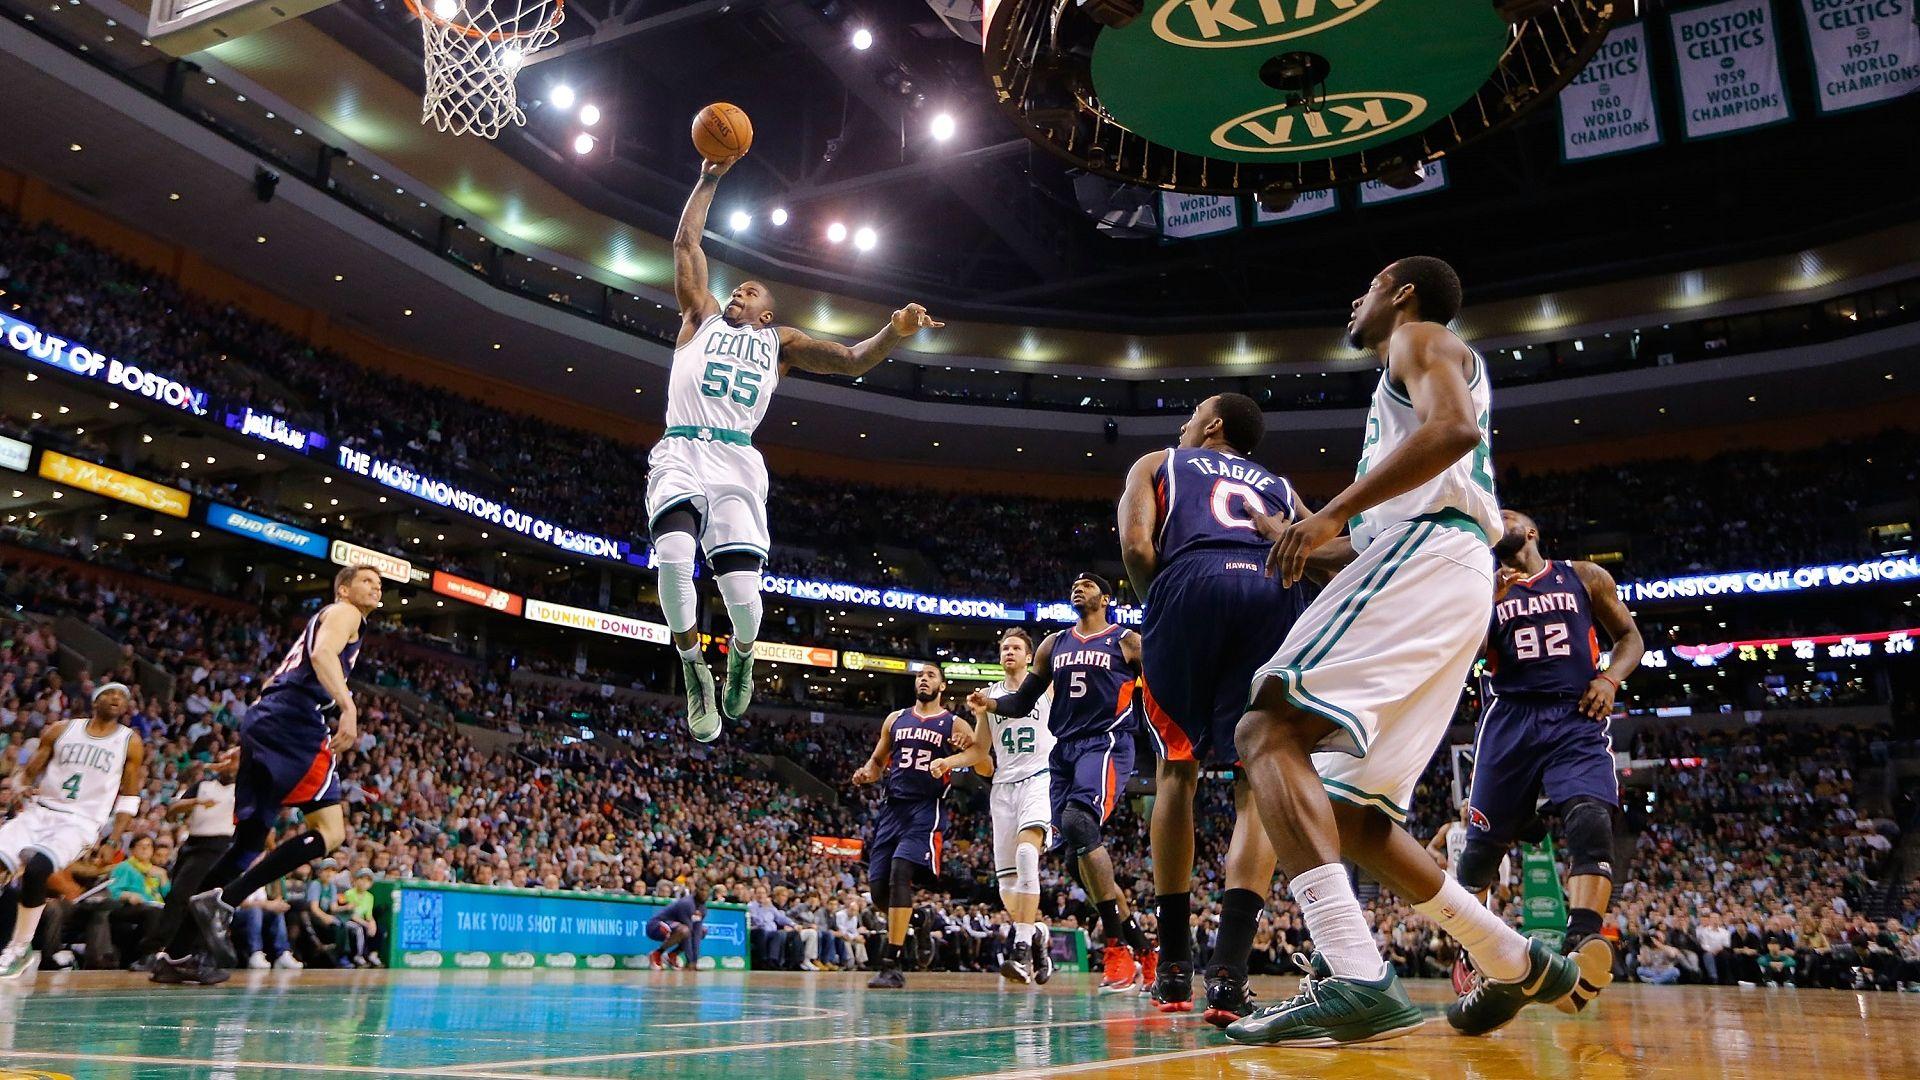 Арестуваха 18 бивши играчи от НБА заради измама за милиони